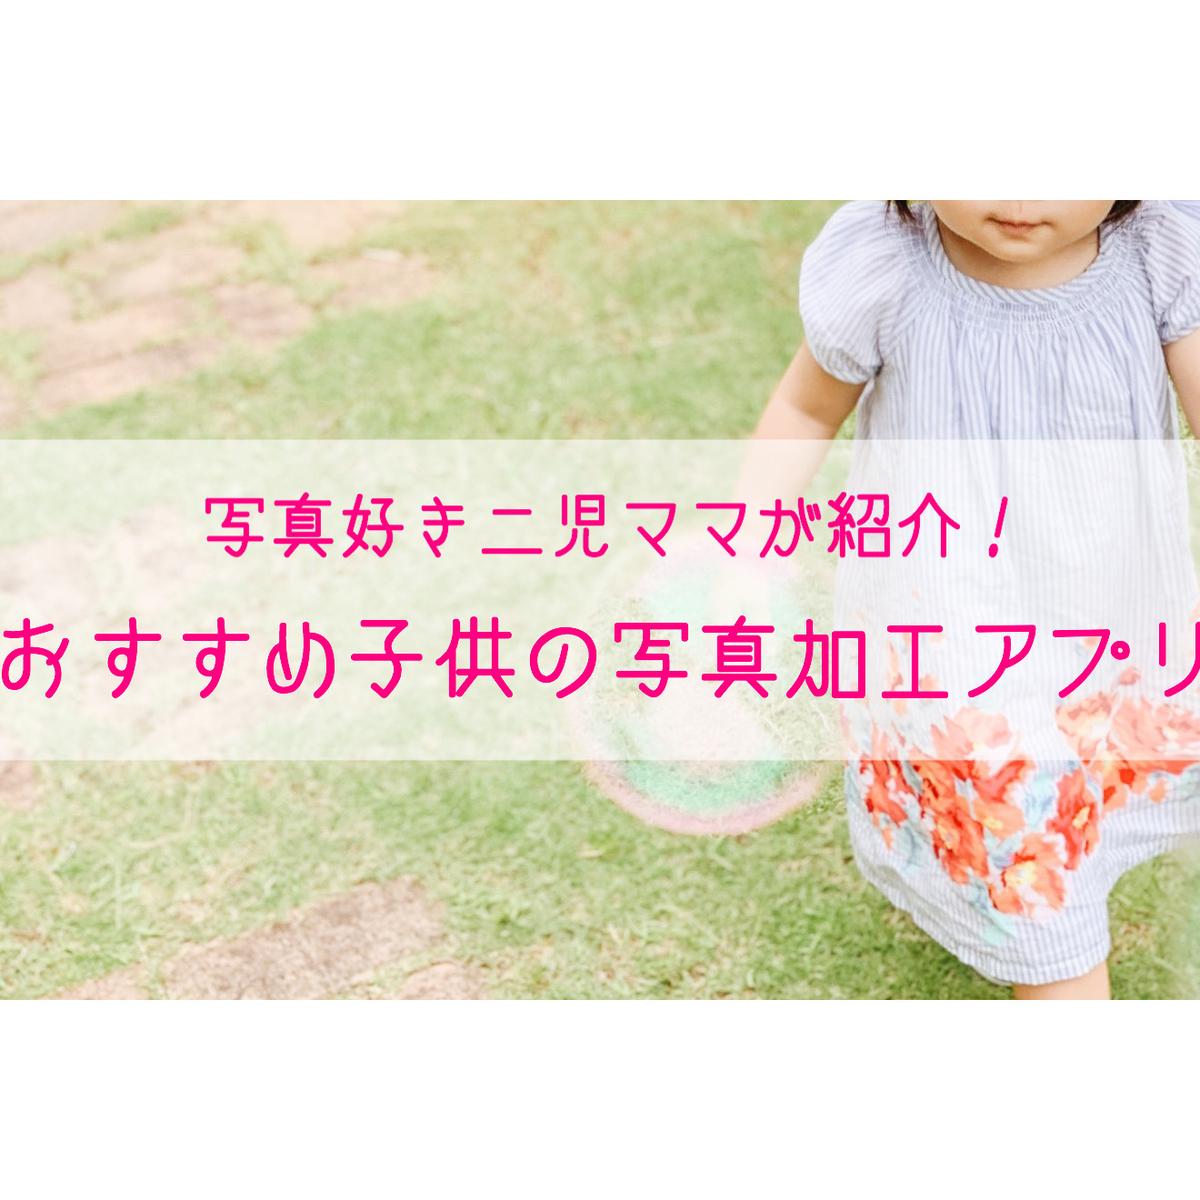 子供 写真 アプリ